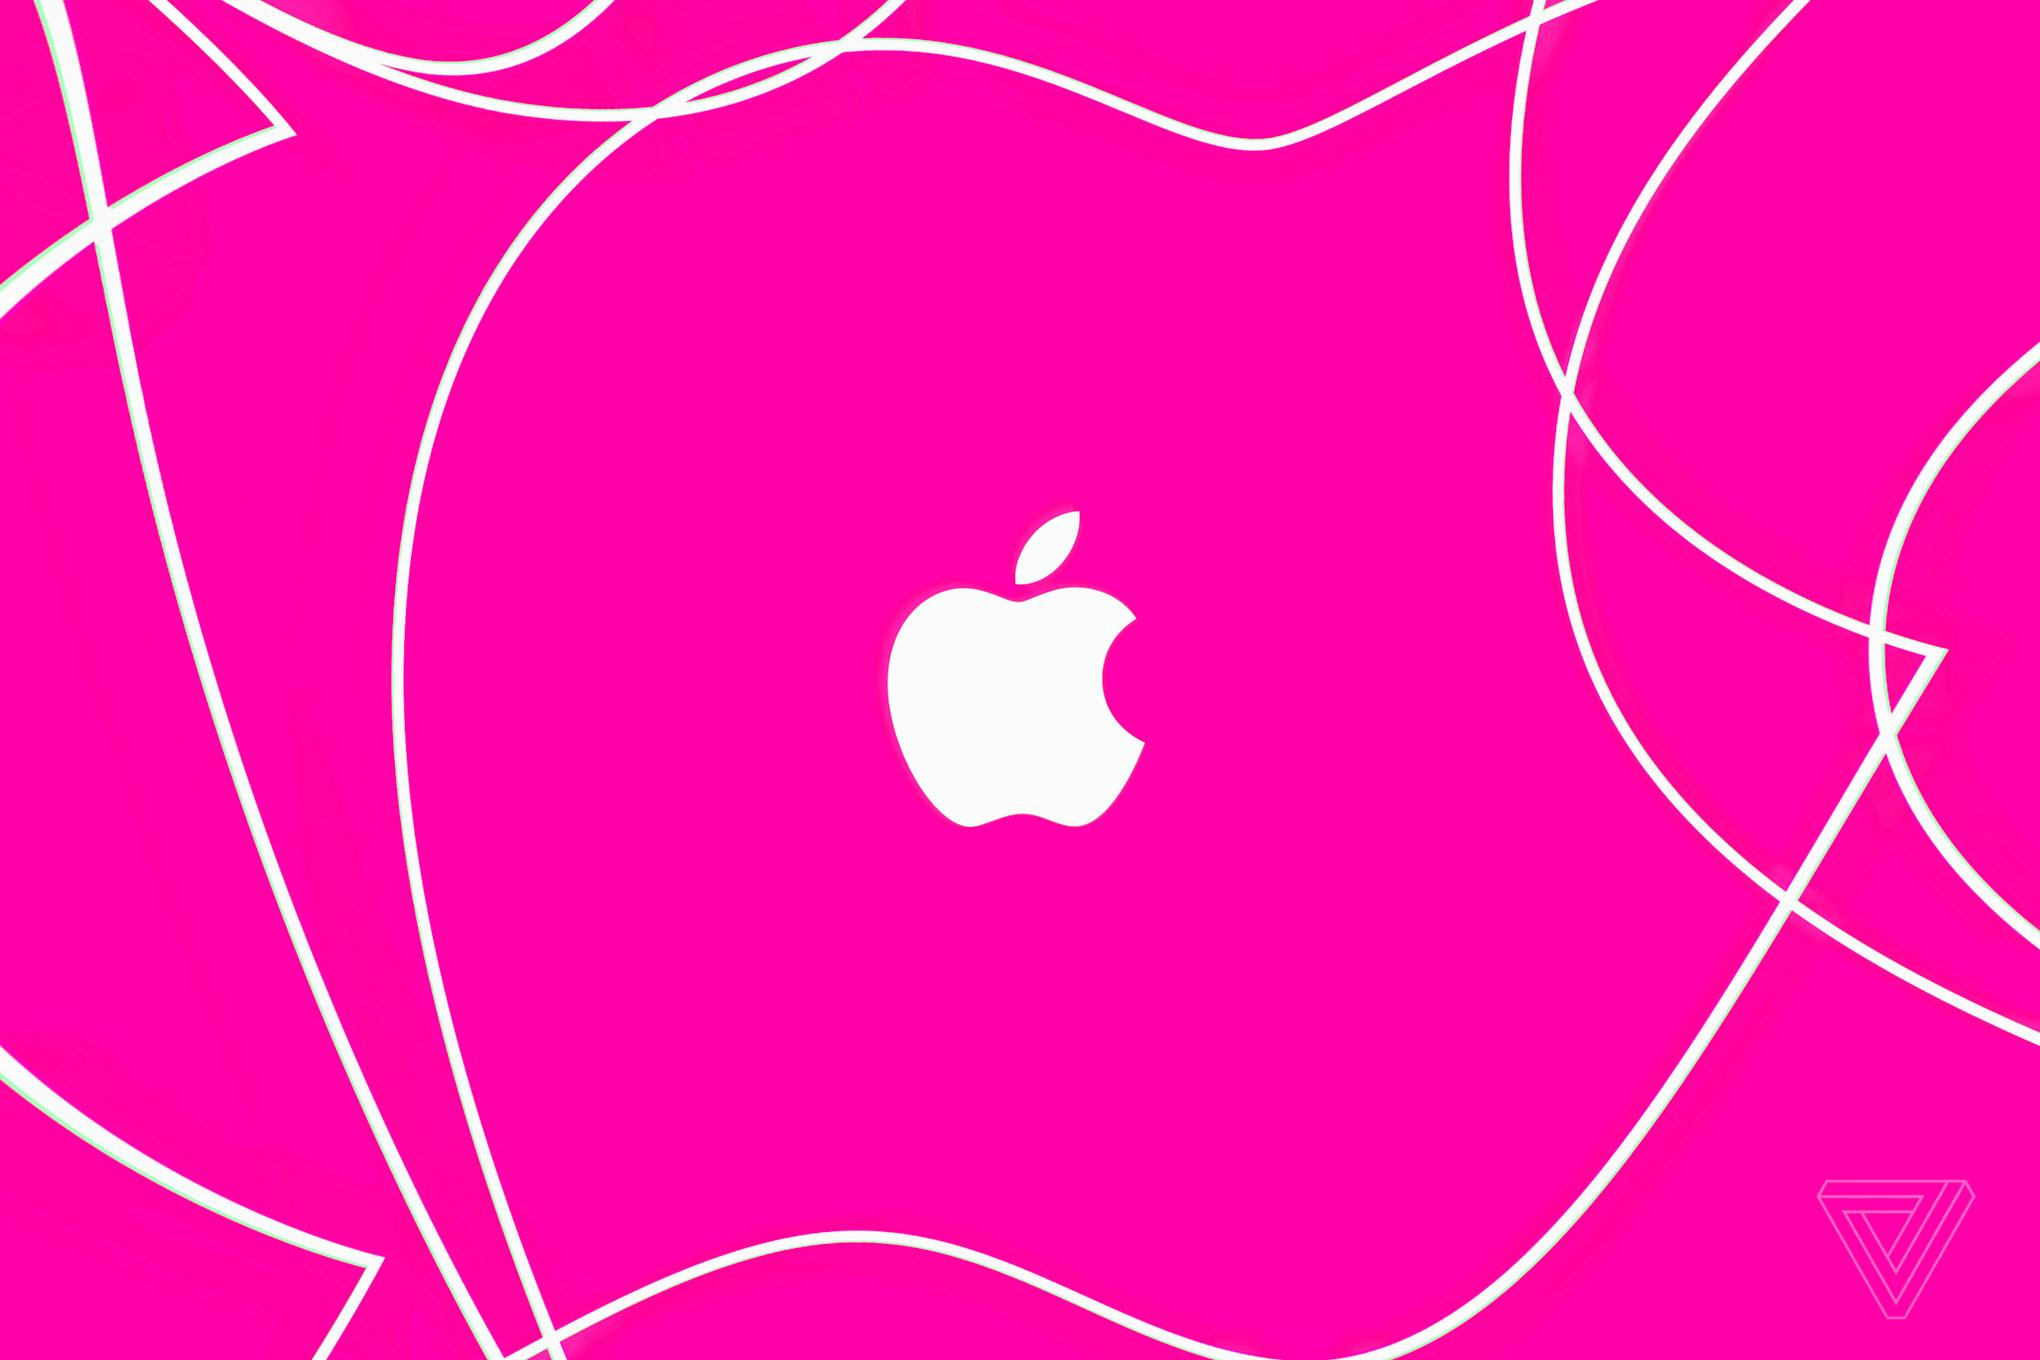 Тим Кук написал, что в Apple нет места тем, кто допускает утечки. Об этом стало известно из очередной утечки - ITC.ua